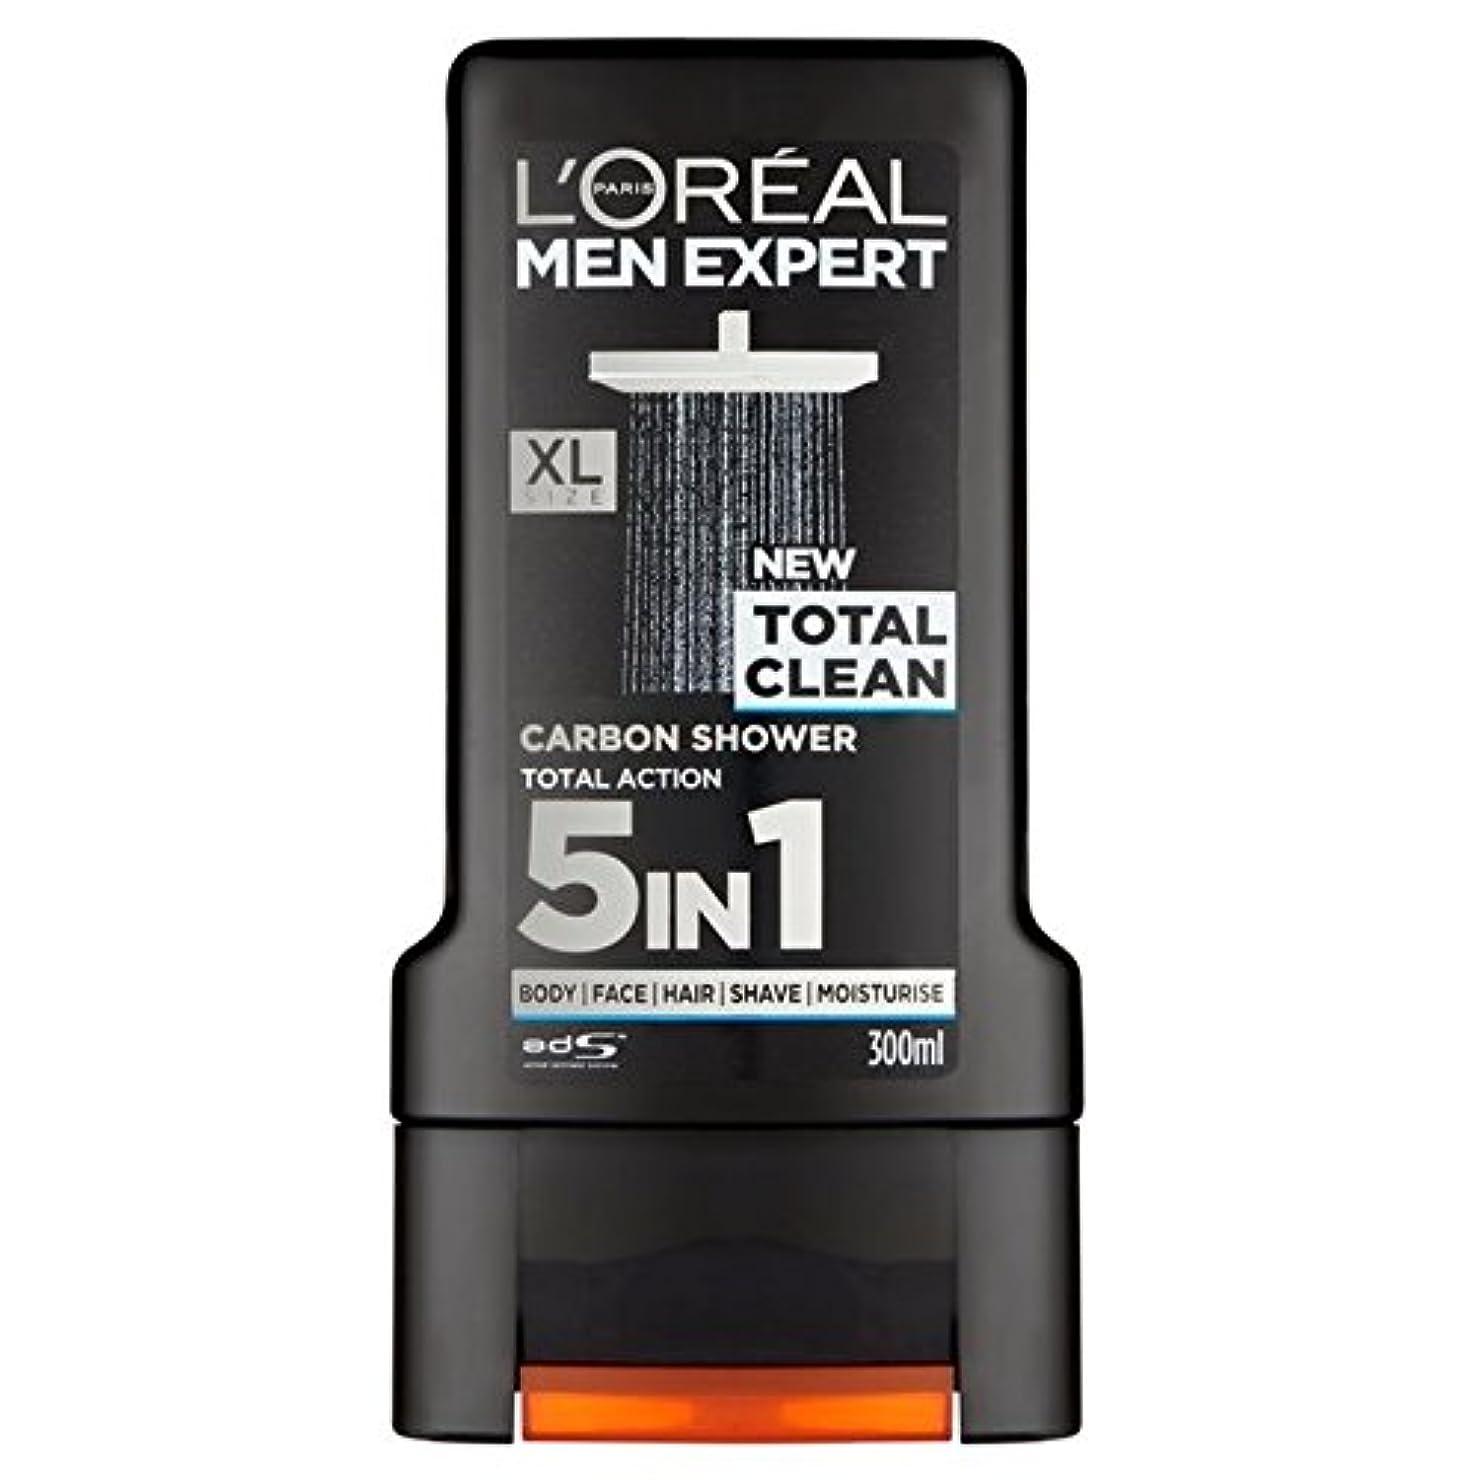 しなやか労働者詐欺L'Oreal Paris Men Expert Total Clean Shower Gel 300ml (Pack of 6) - ロレアルパリのメンズ専門トータルクリーンシャワージェル300ミリリットル x6 [並行輸入品]